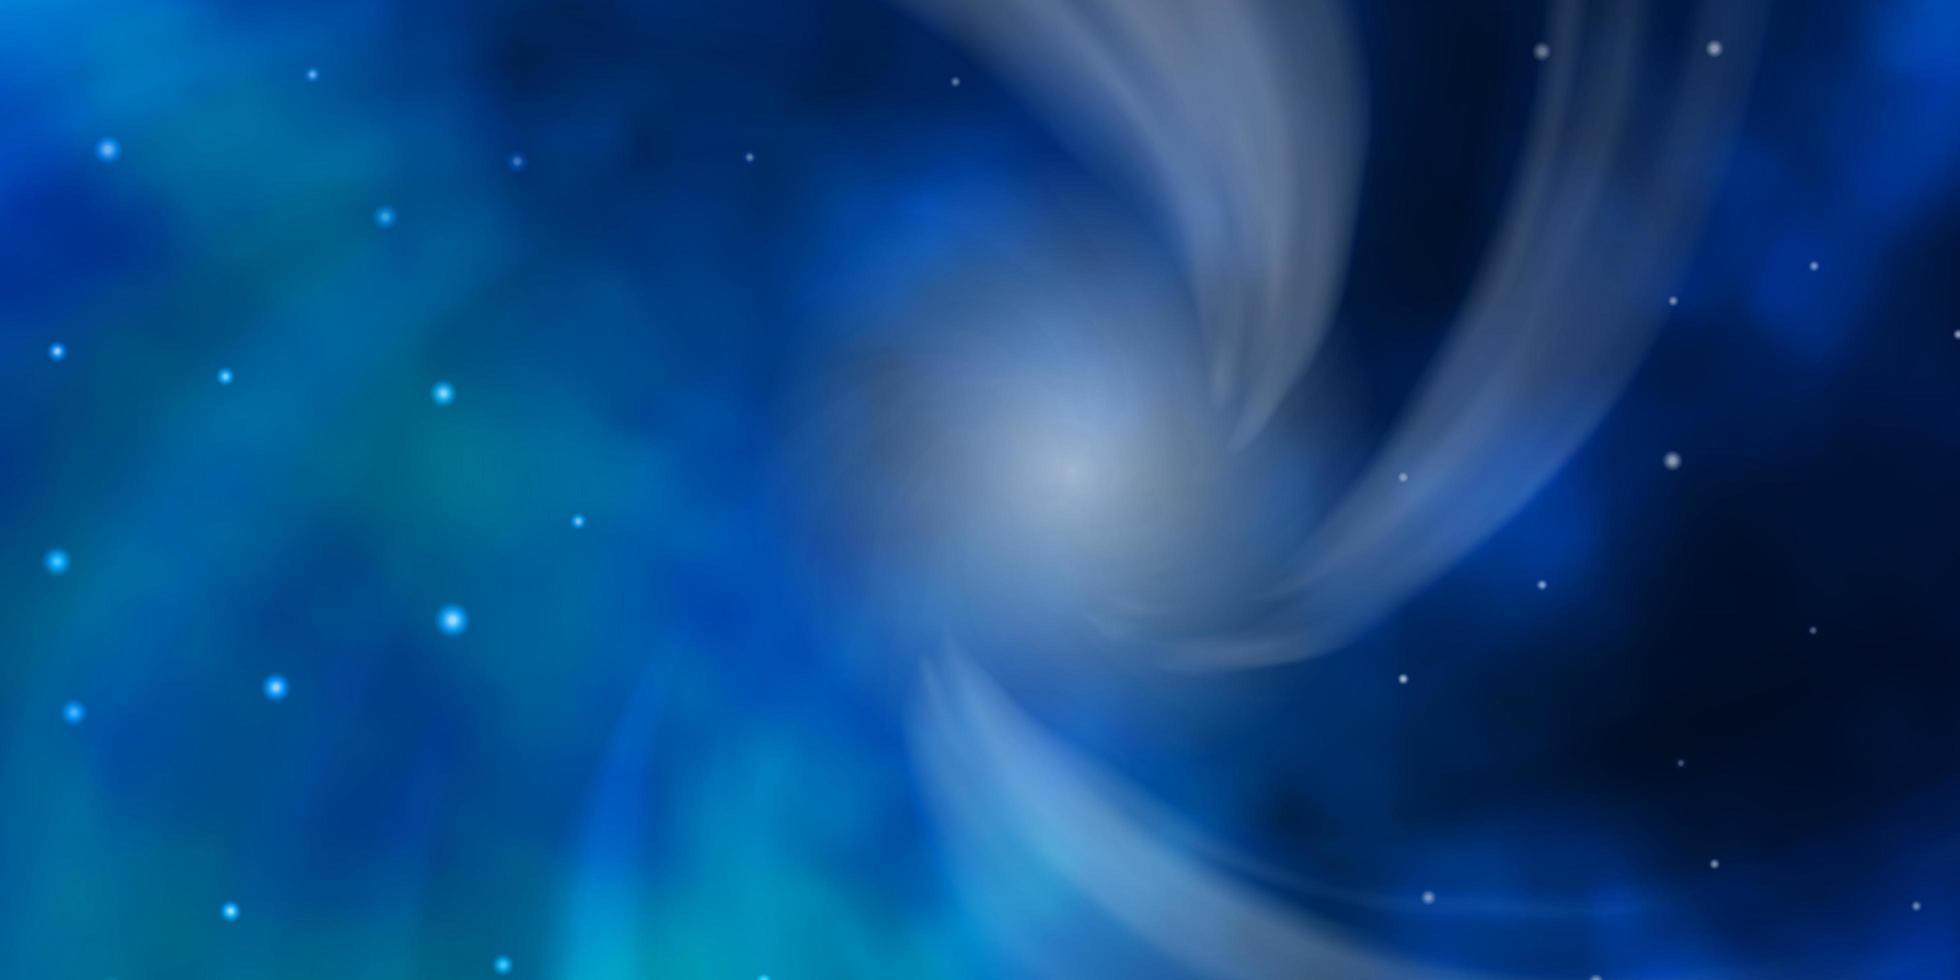 donkerblauwe textuur met prachtige sterren. vector